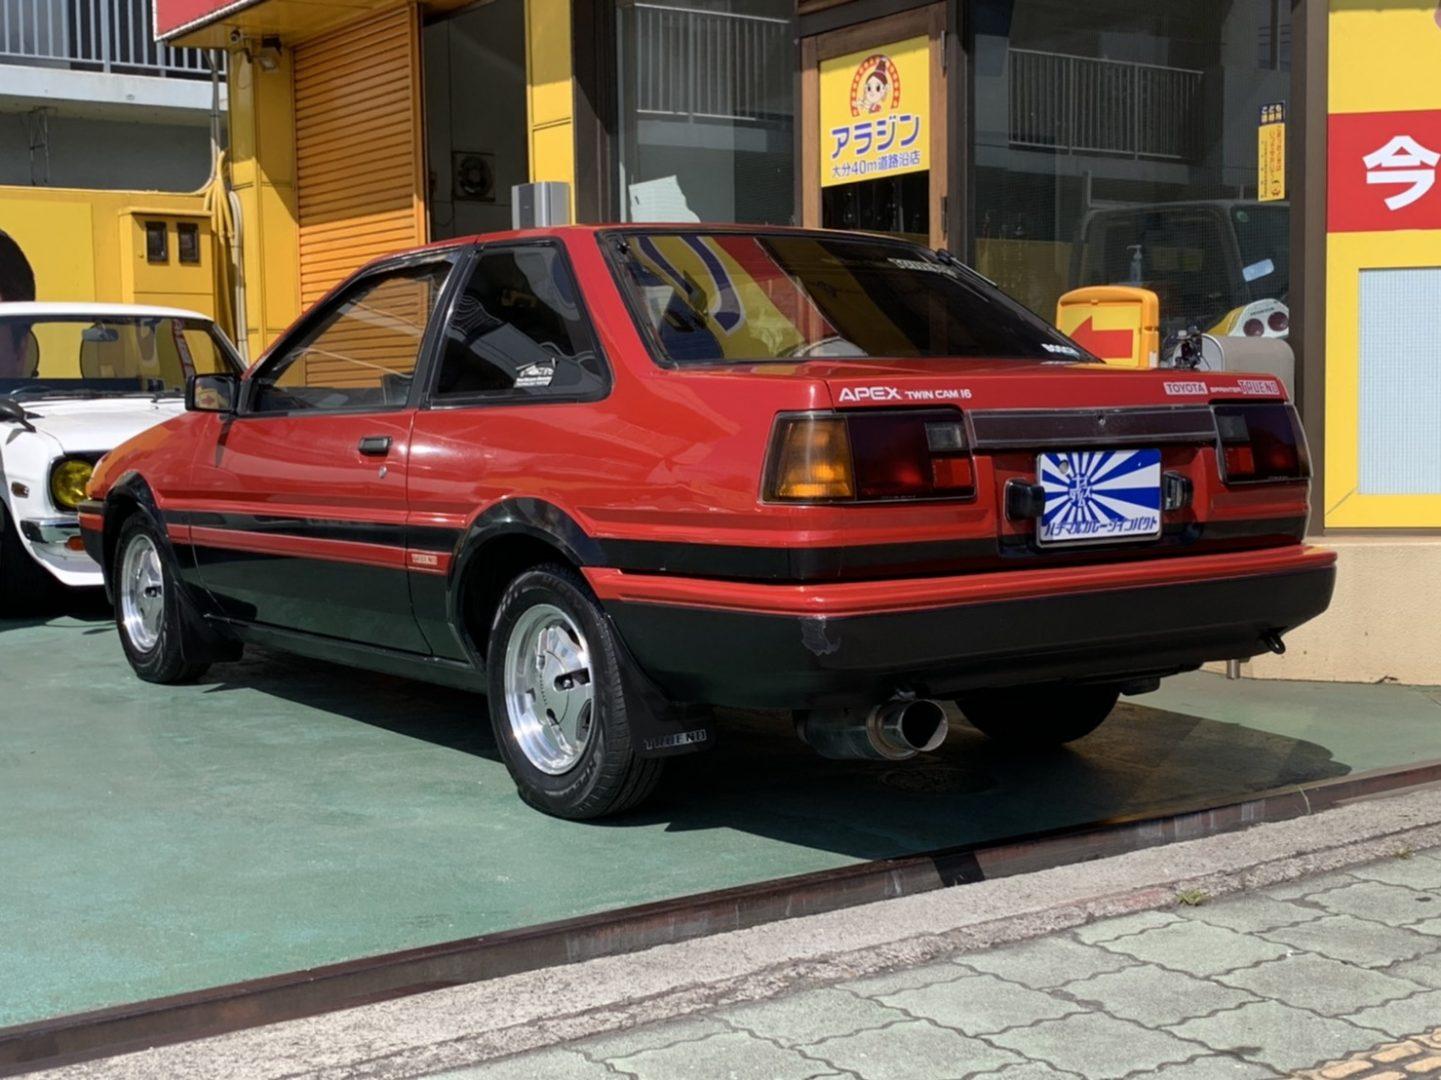 リトラのお目目が愛らしいトヨタハチロクスプリンタートレノ入庫しましたYo!赤い車って1.5割増しで速そうに見えるなー